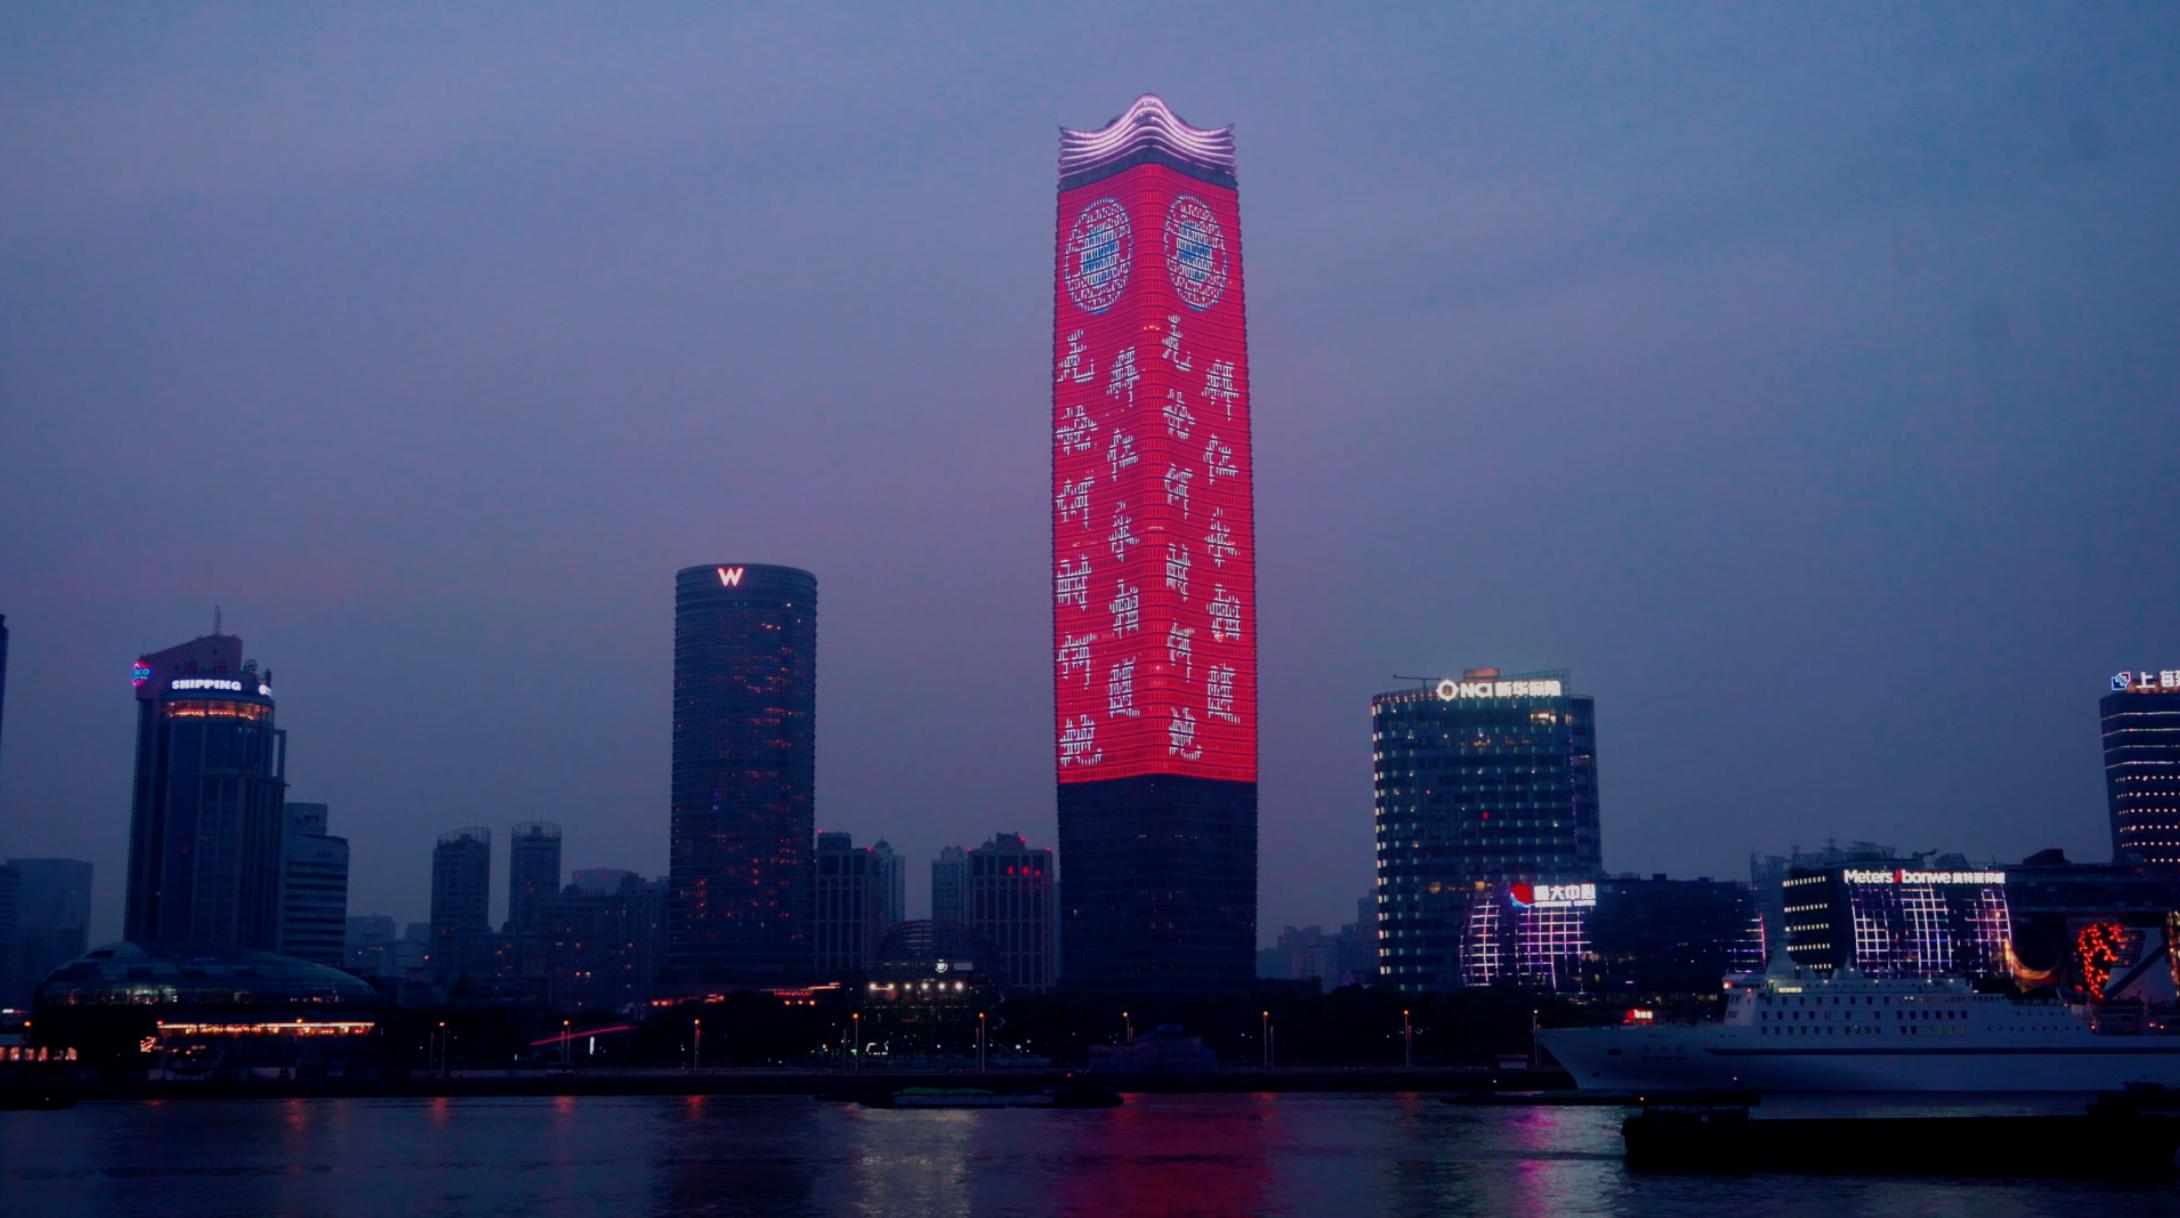 多图流:德甲重启,拜仁中国官方祝福语点亮外滩高楼